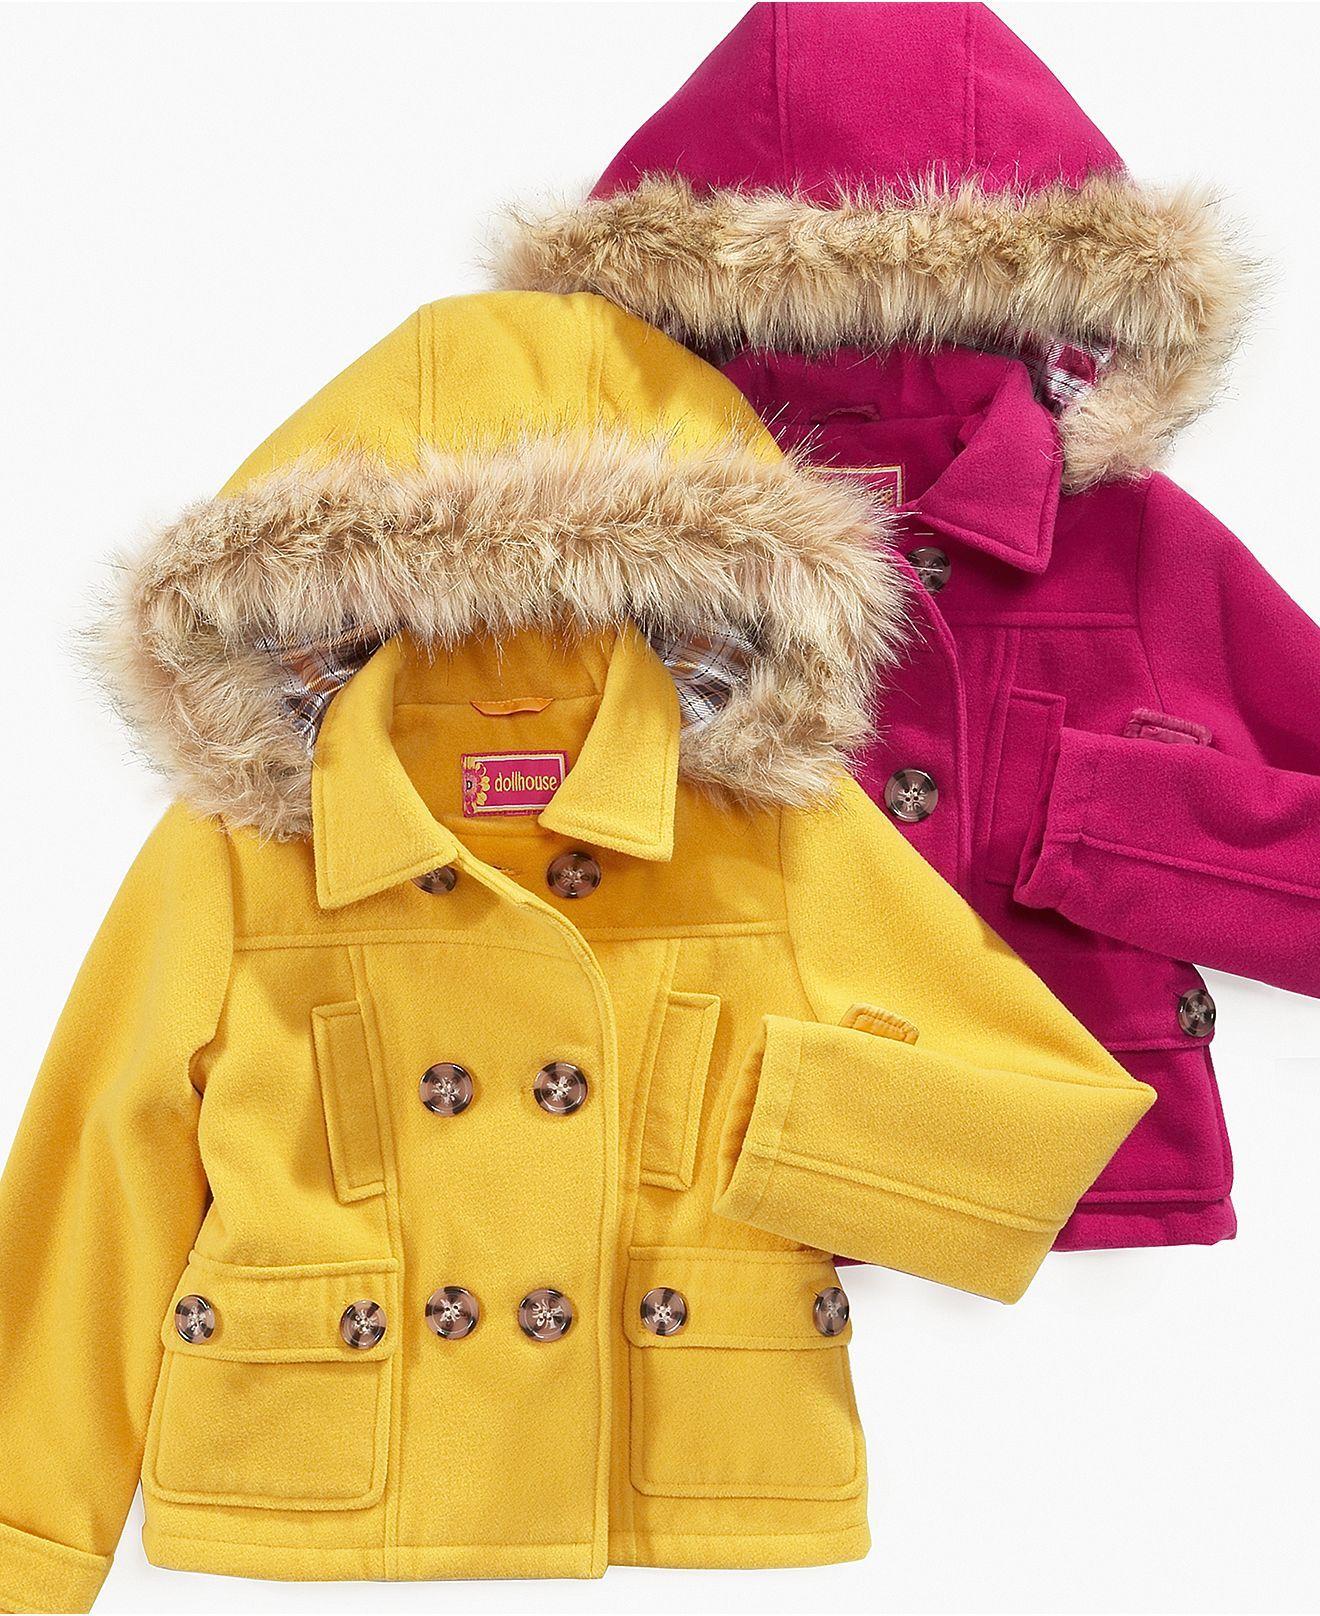 Girl S Dollhouse Kids Jacket Macy S Cute Coat For My Sweet Girl Faux Fur Pea Coat Kids Jacket Girls Jackets Kids [ 1616 x 1320 Pixel ]